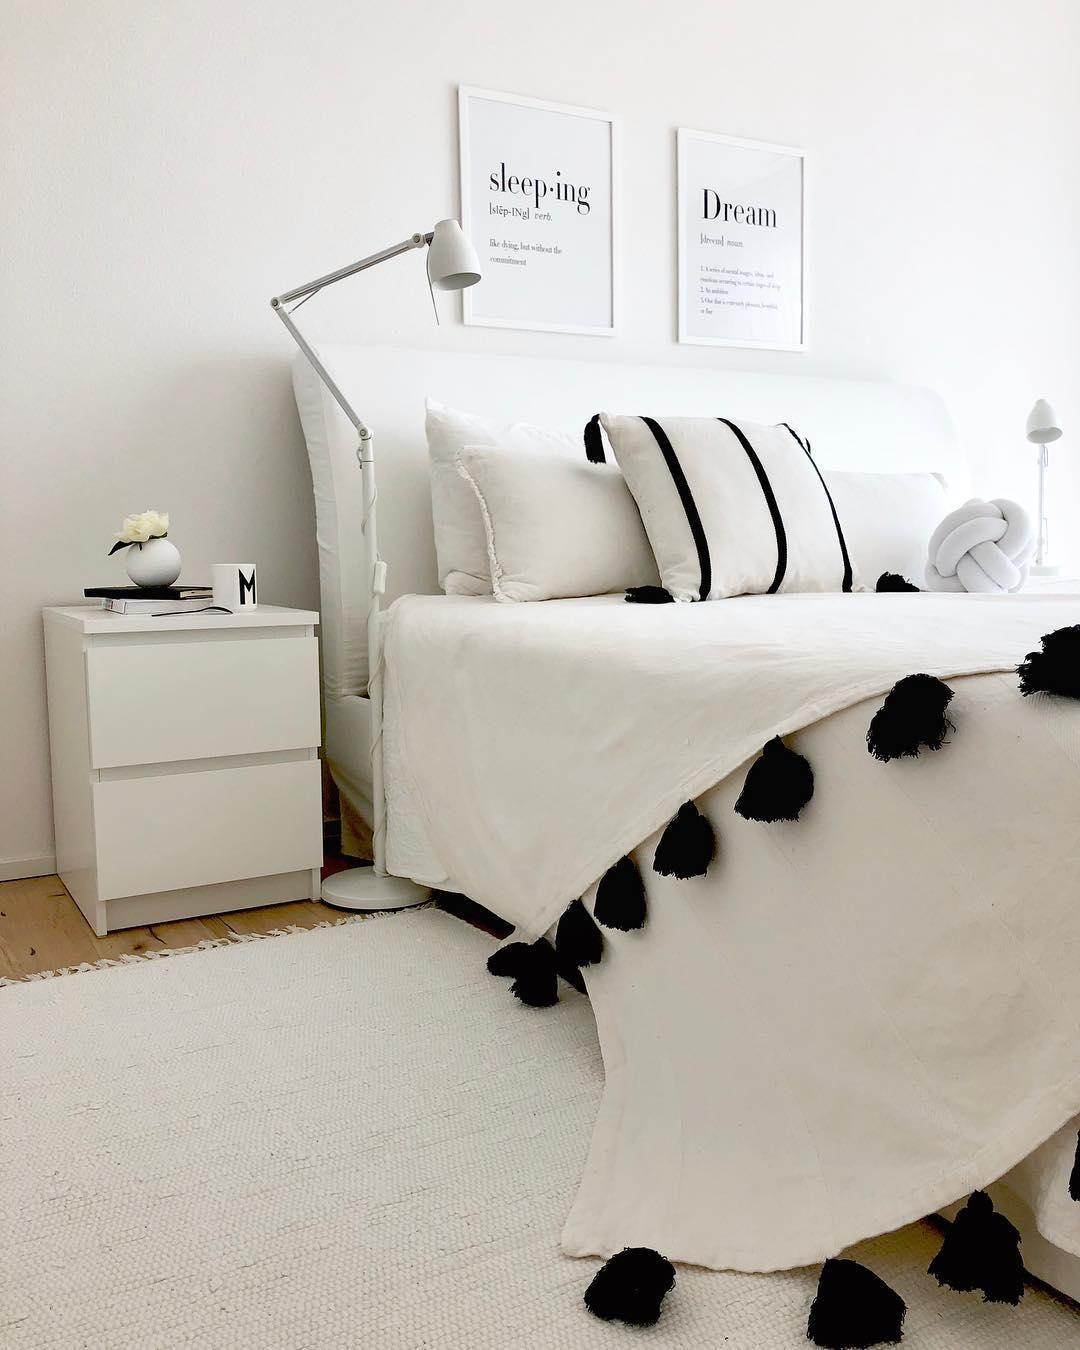 Full Size of Becher M Weies Schlafzimmer Dekor Kronleuchter Weißes Regal Landhausstil Deckenleuchte Modern Romantische Teppich Komplettangebote Komplett Weiß Lampe Schlafzimmer Weißes Schlafzimmer